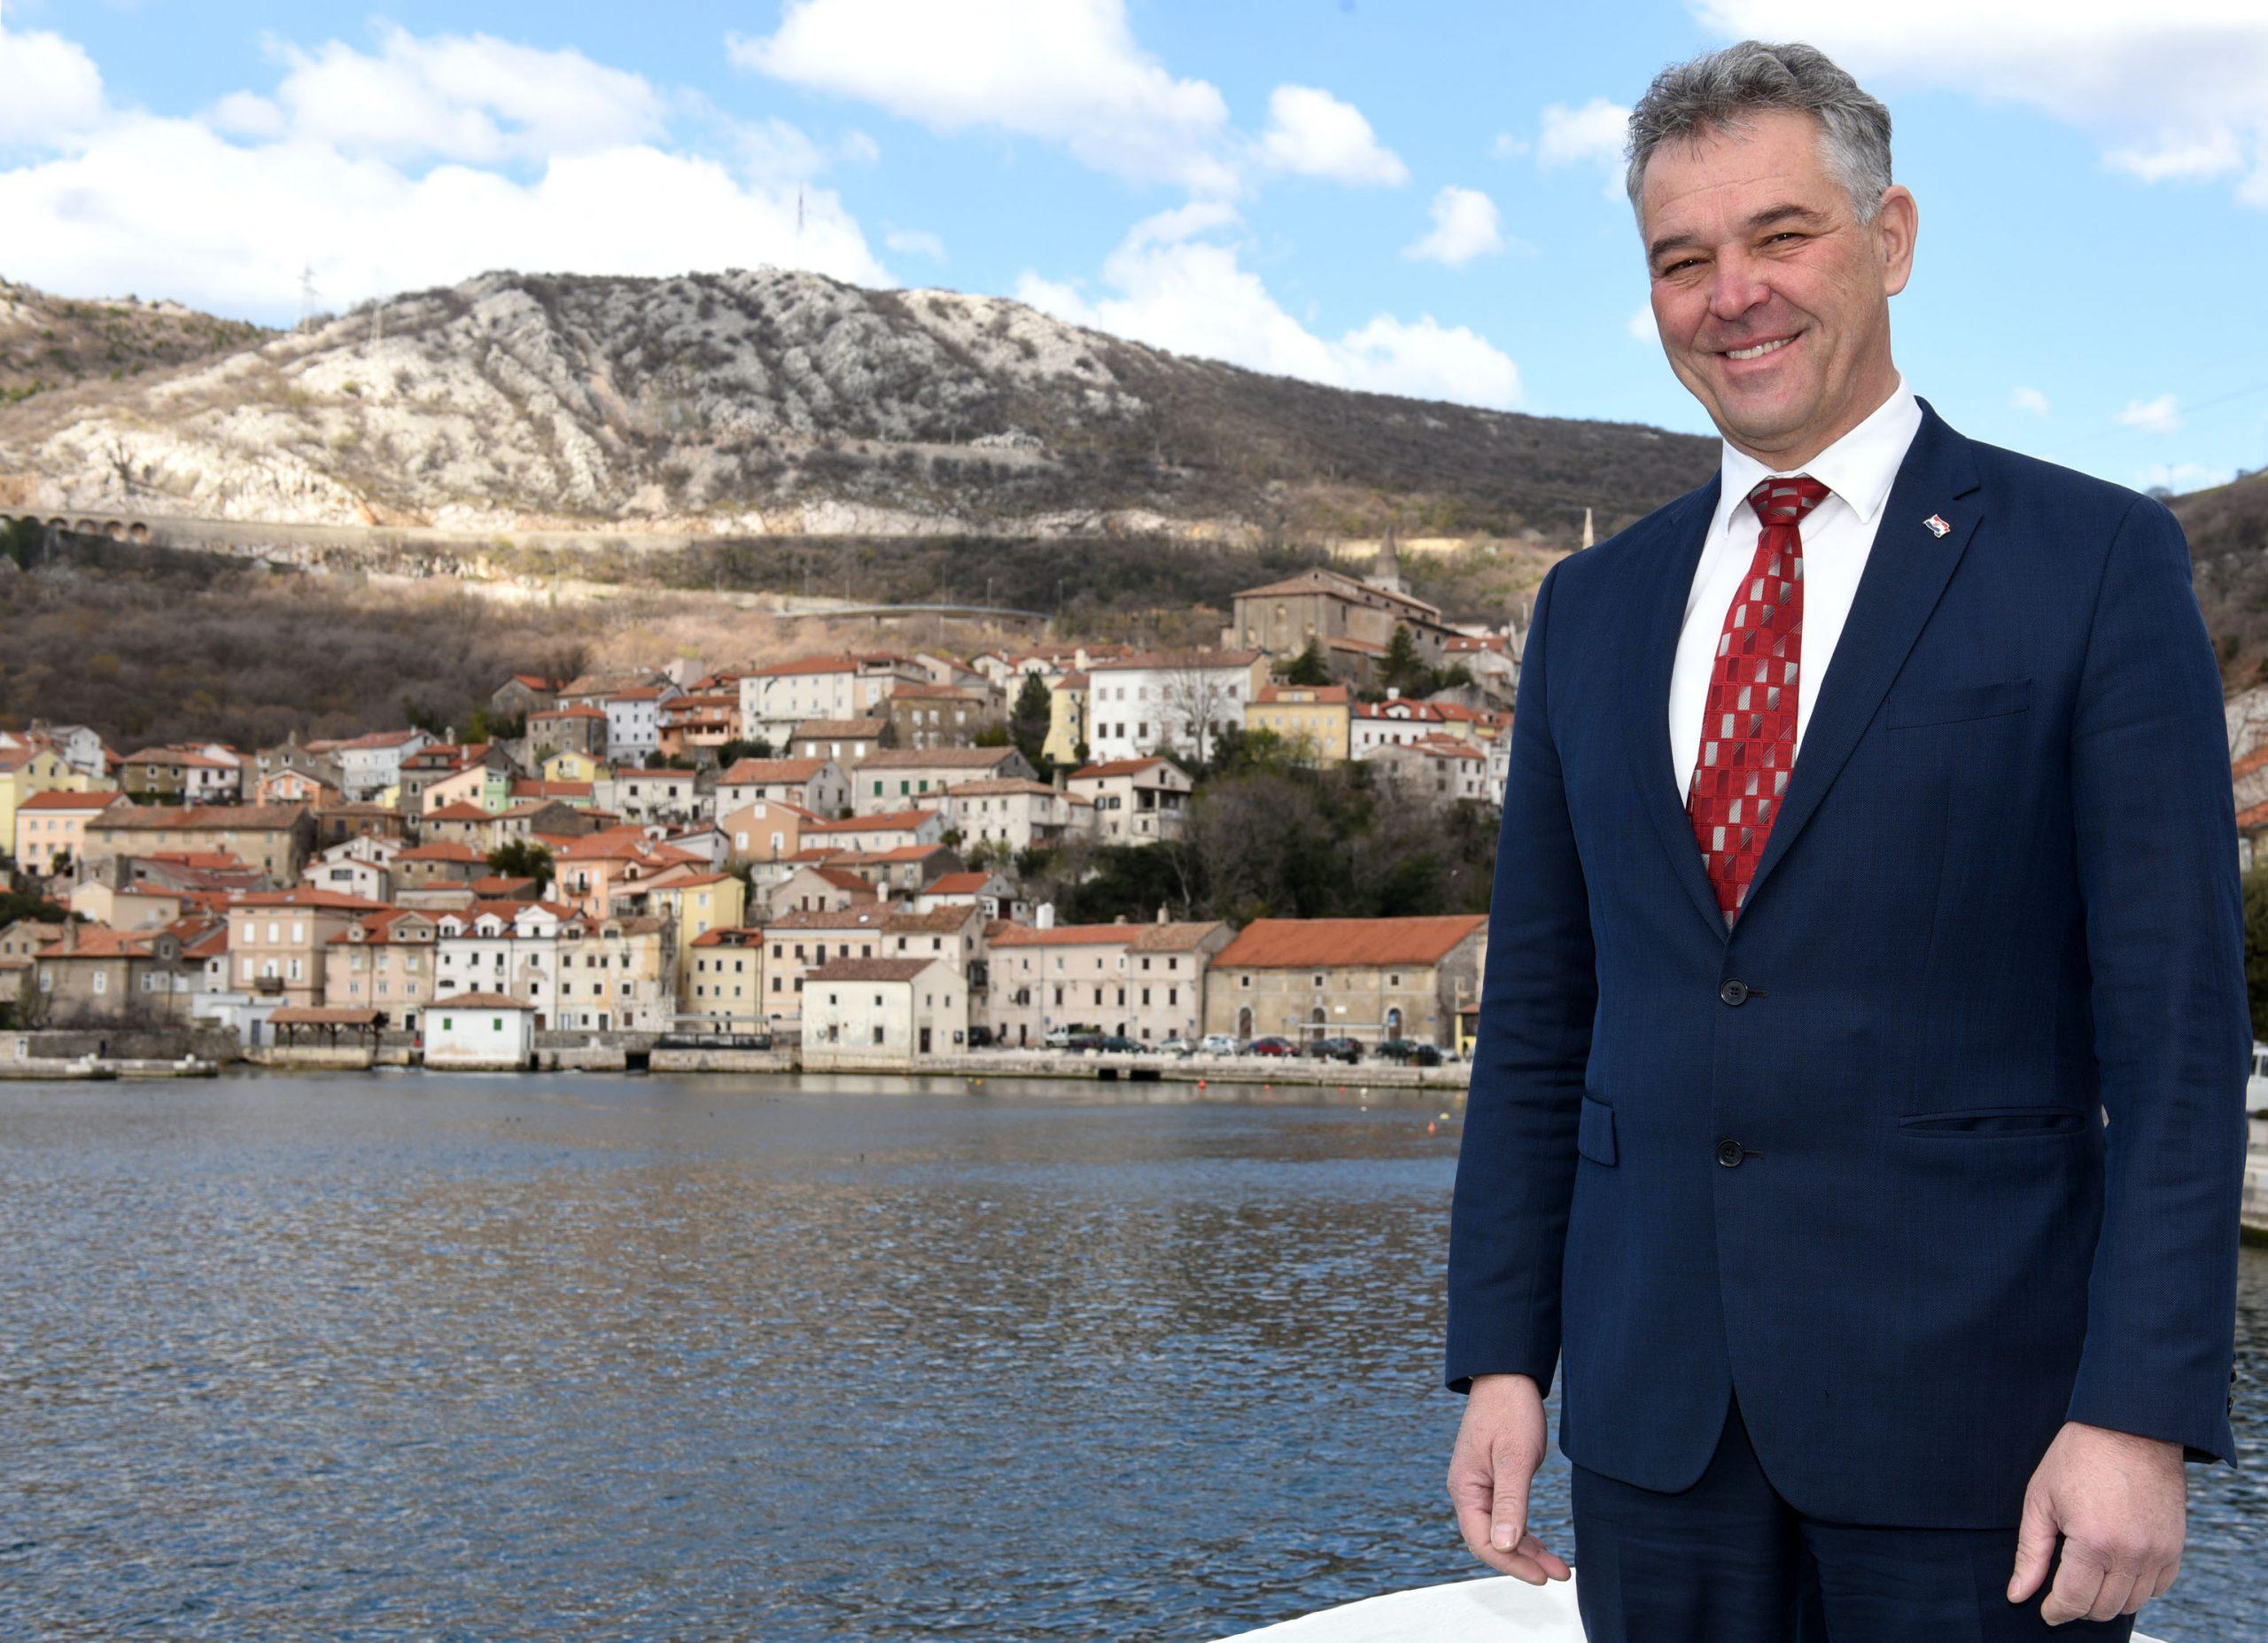 Ponosan sam i zahvalan što imam takve suradnike, zajedno stvaramo čuda - Tomislav Klarić